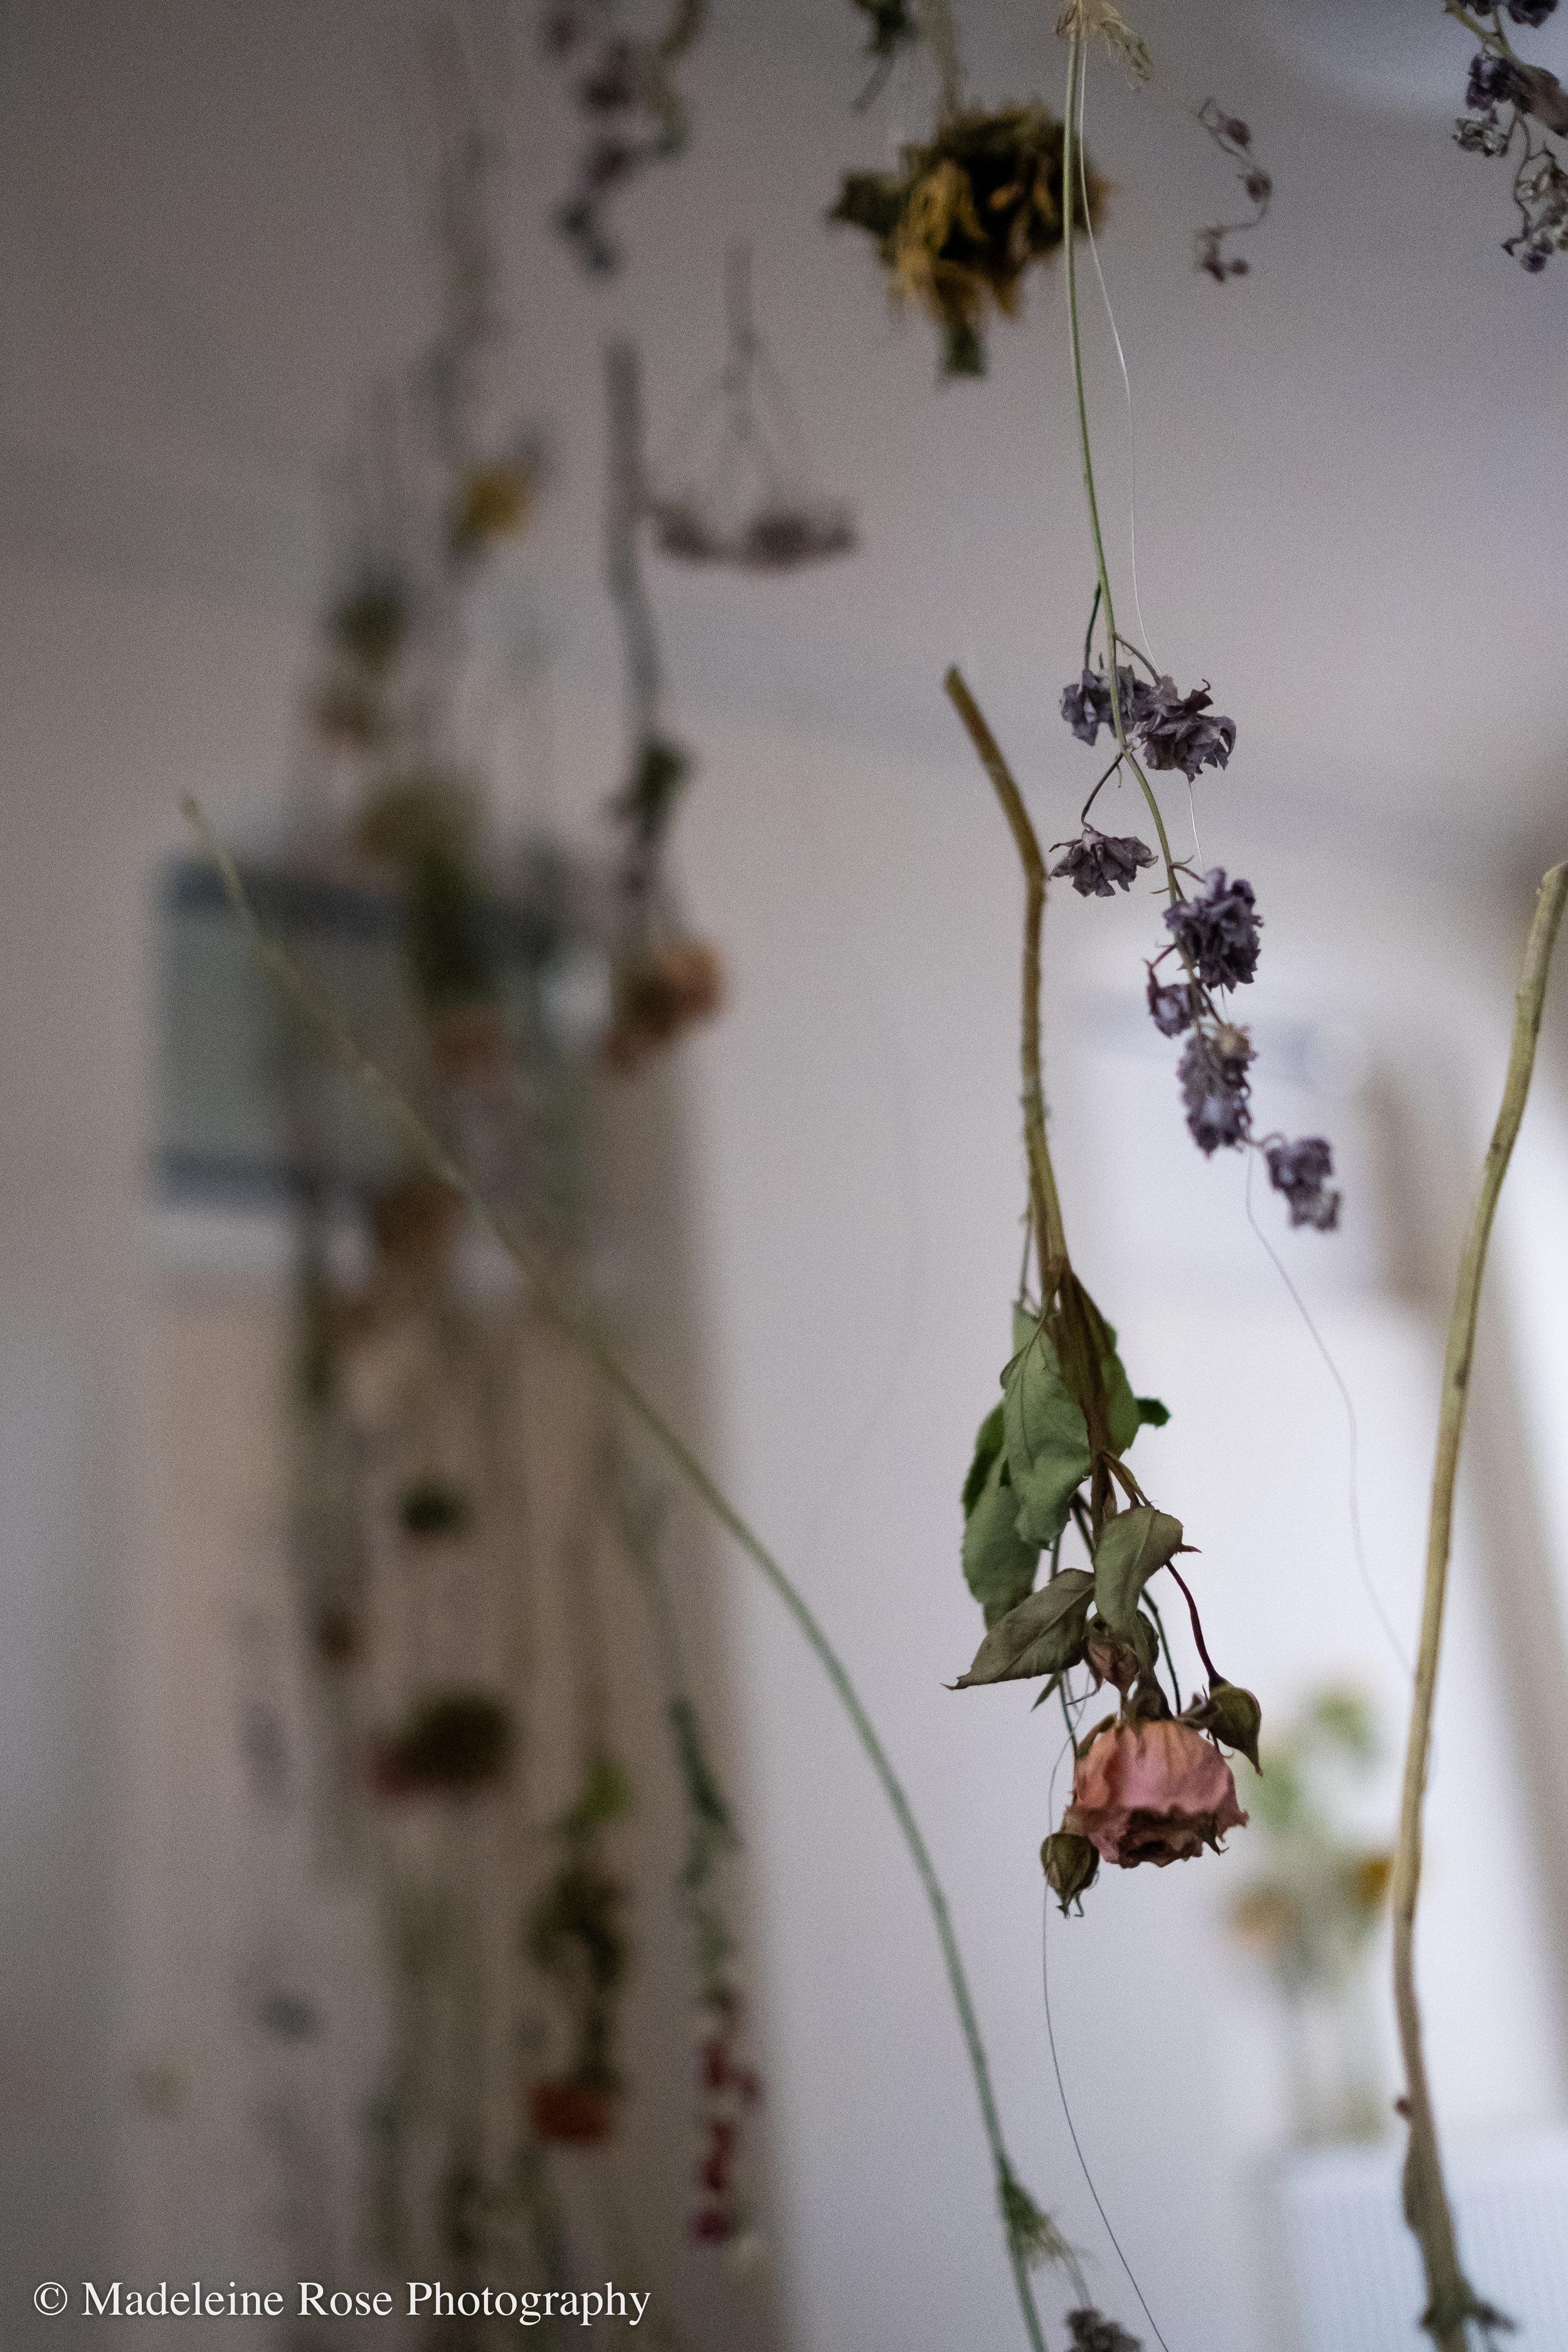 180811_EF_funeralflowers-4.jpg